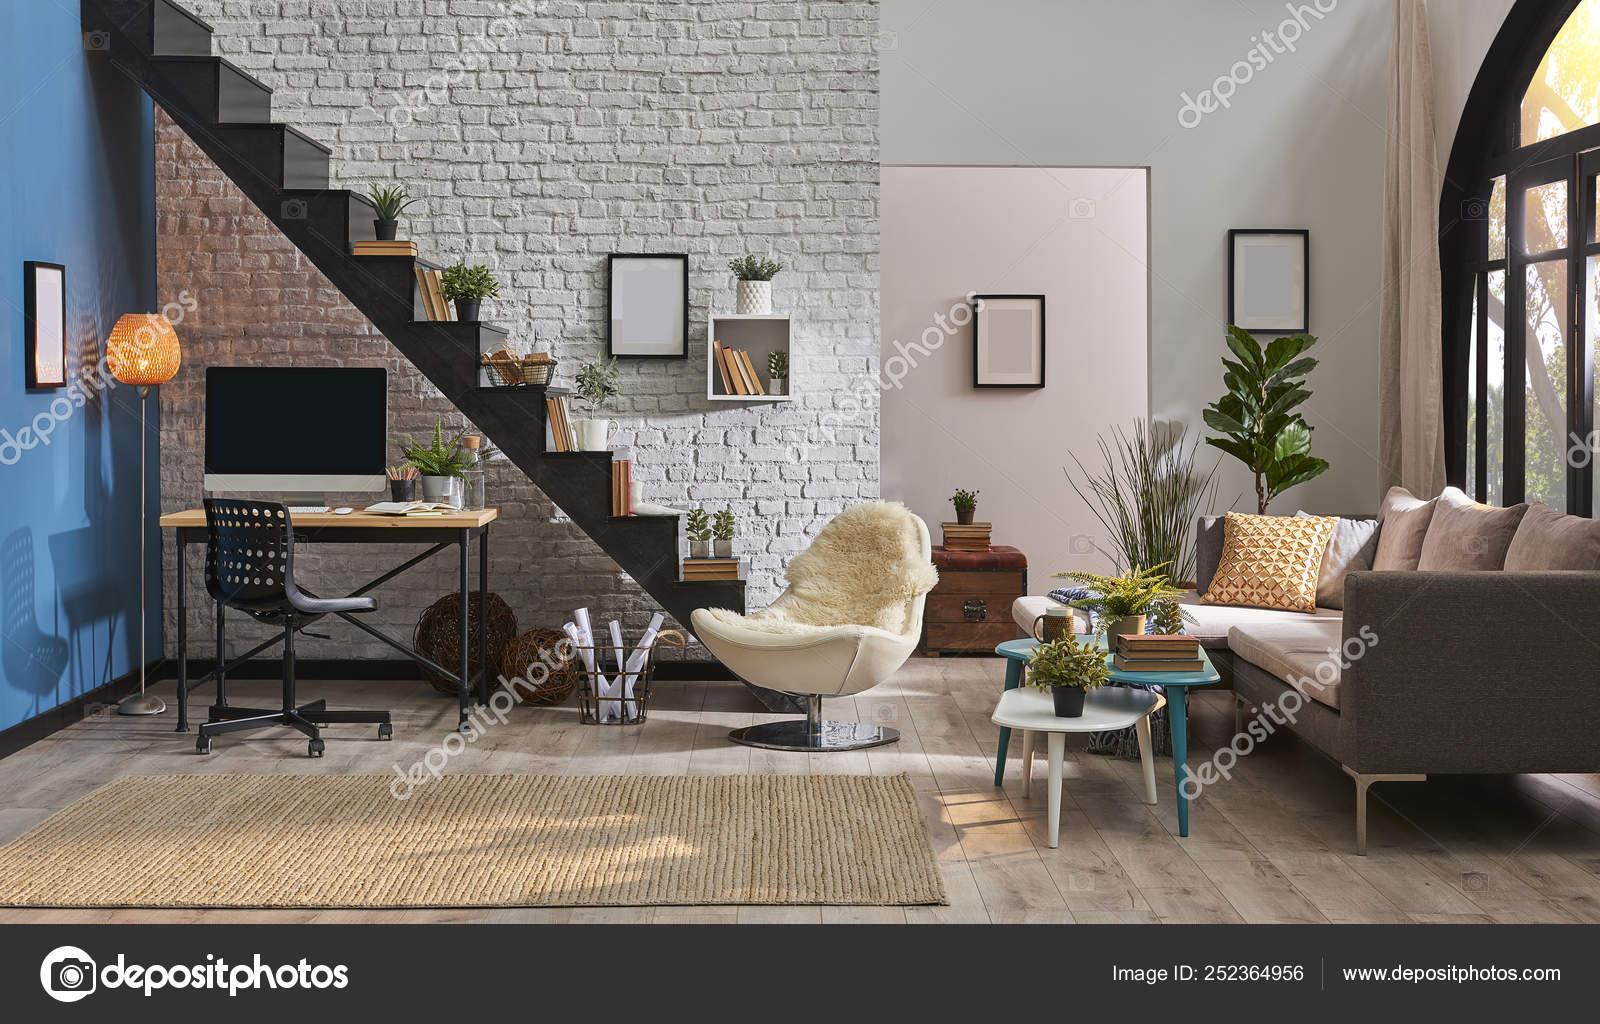 Modern Living Room White Brick Wall Wooden Desk Desktop Black Stock Photo Image By Unitedphotostudio 252364956